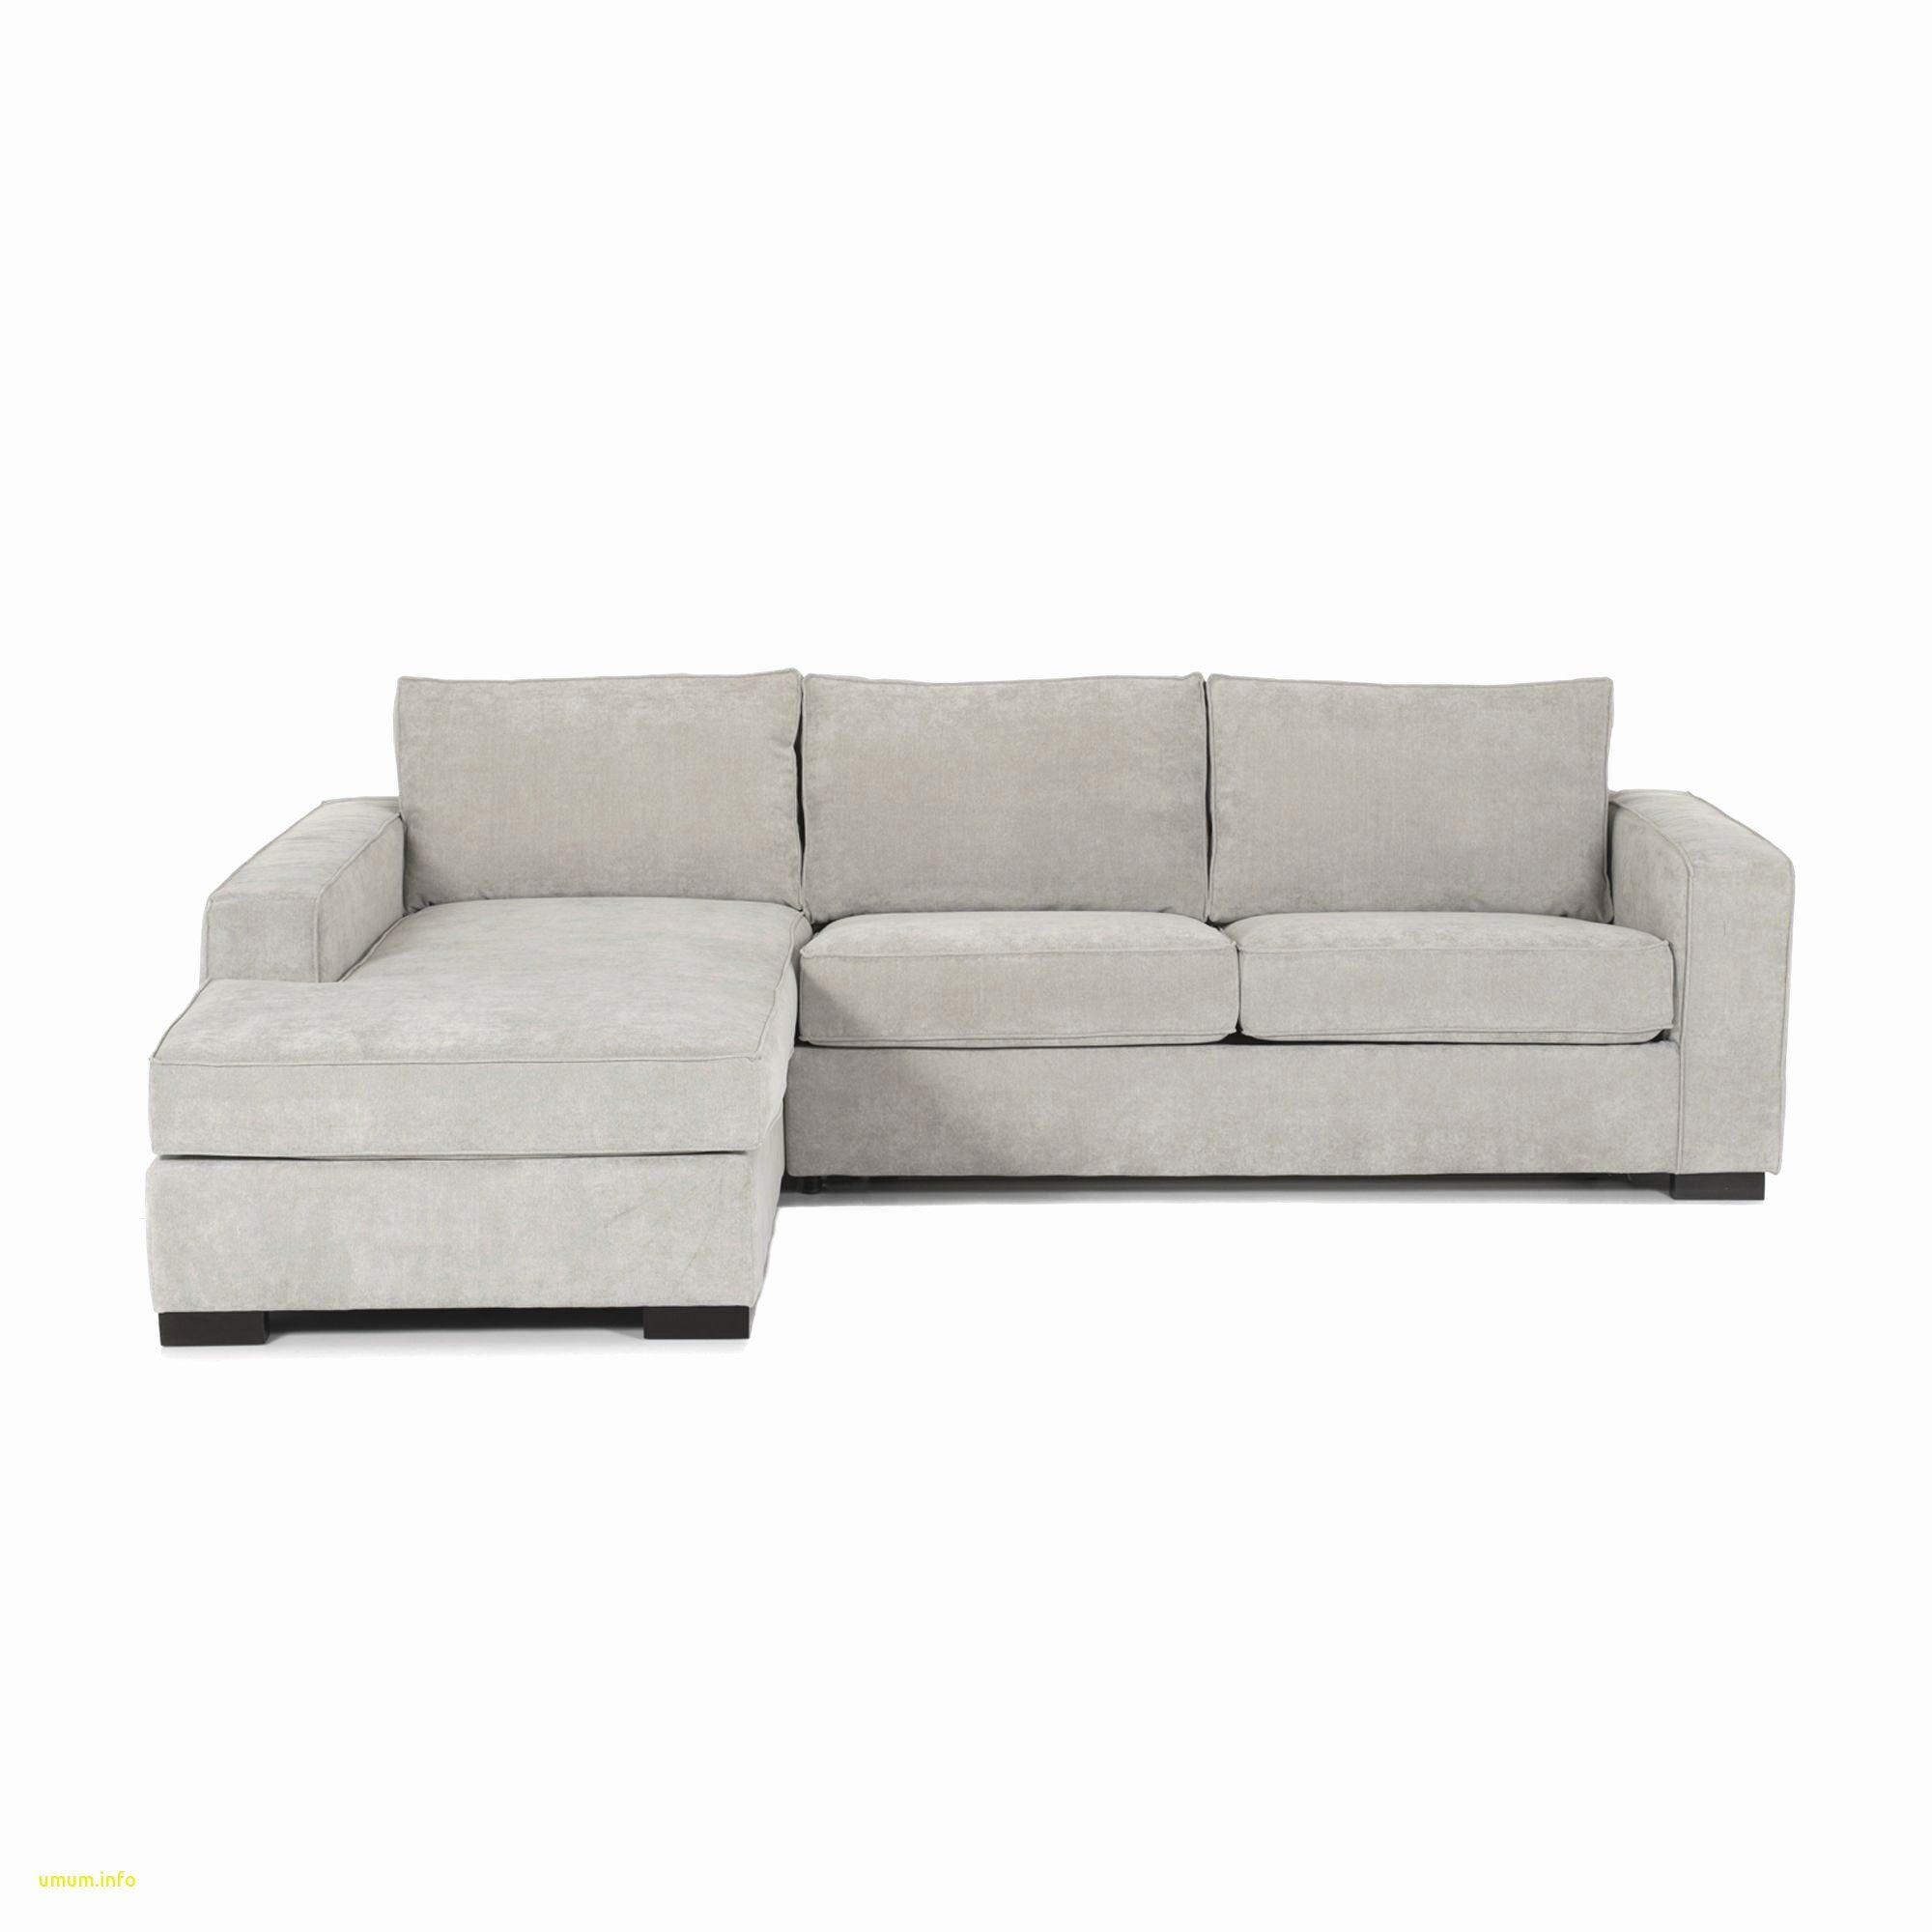 Canapé Lit Avec Rangement Belle Entra Nant Lit Superposé Avec Canapé Sur Lit Biné Armoire Fresh Lit